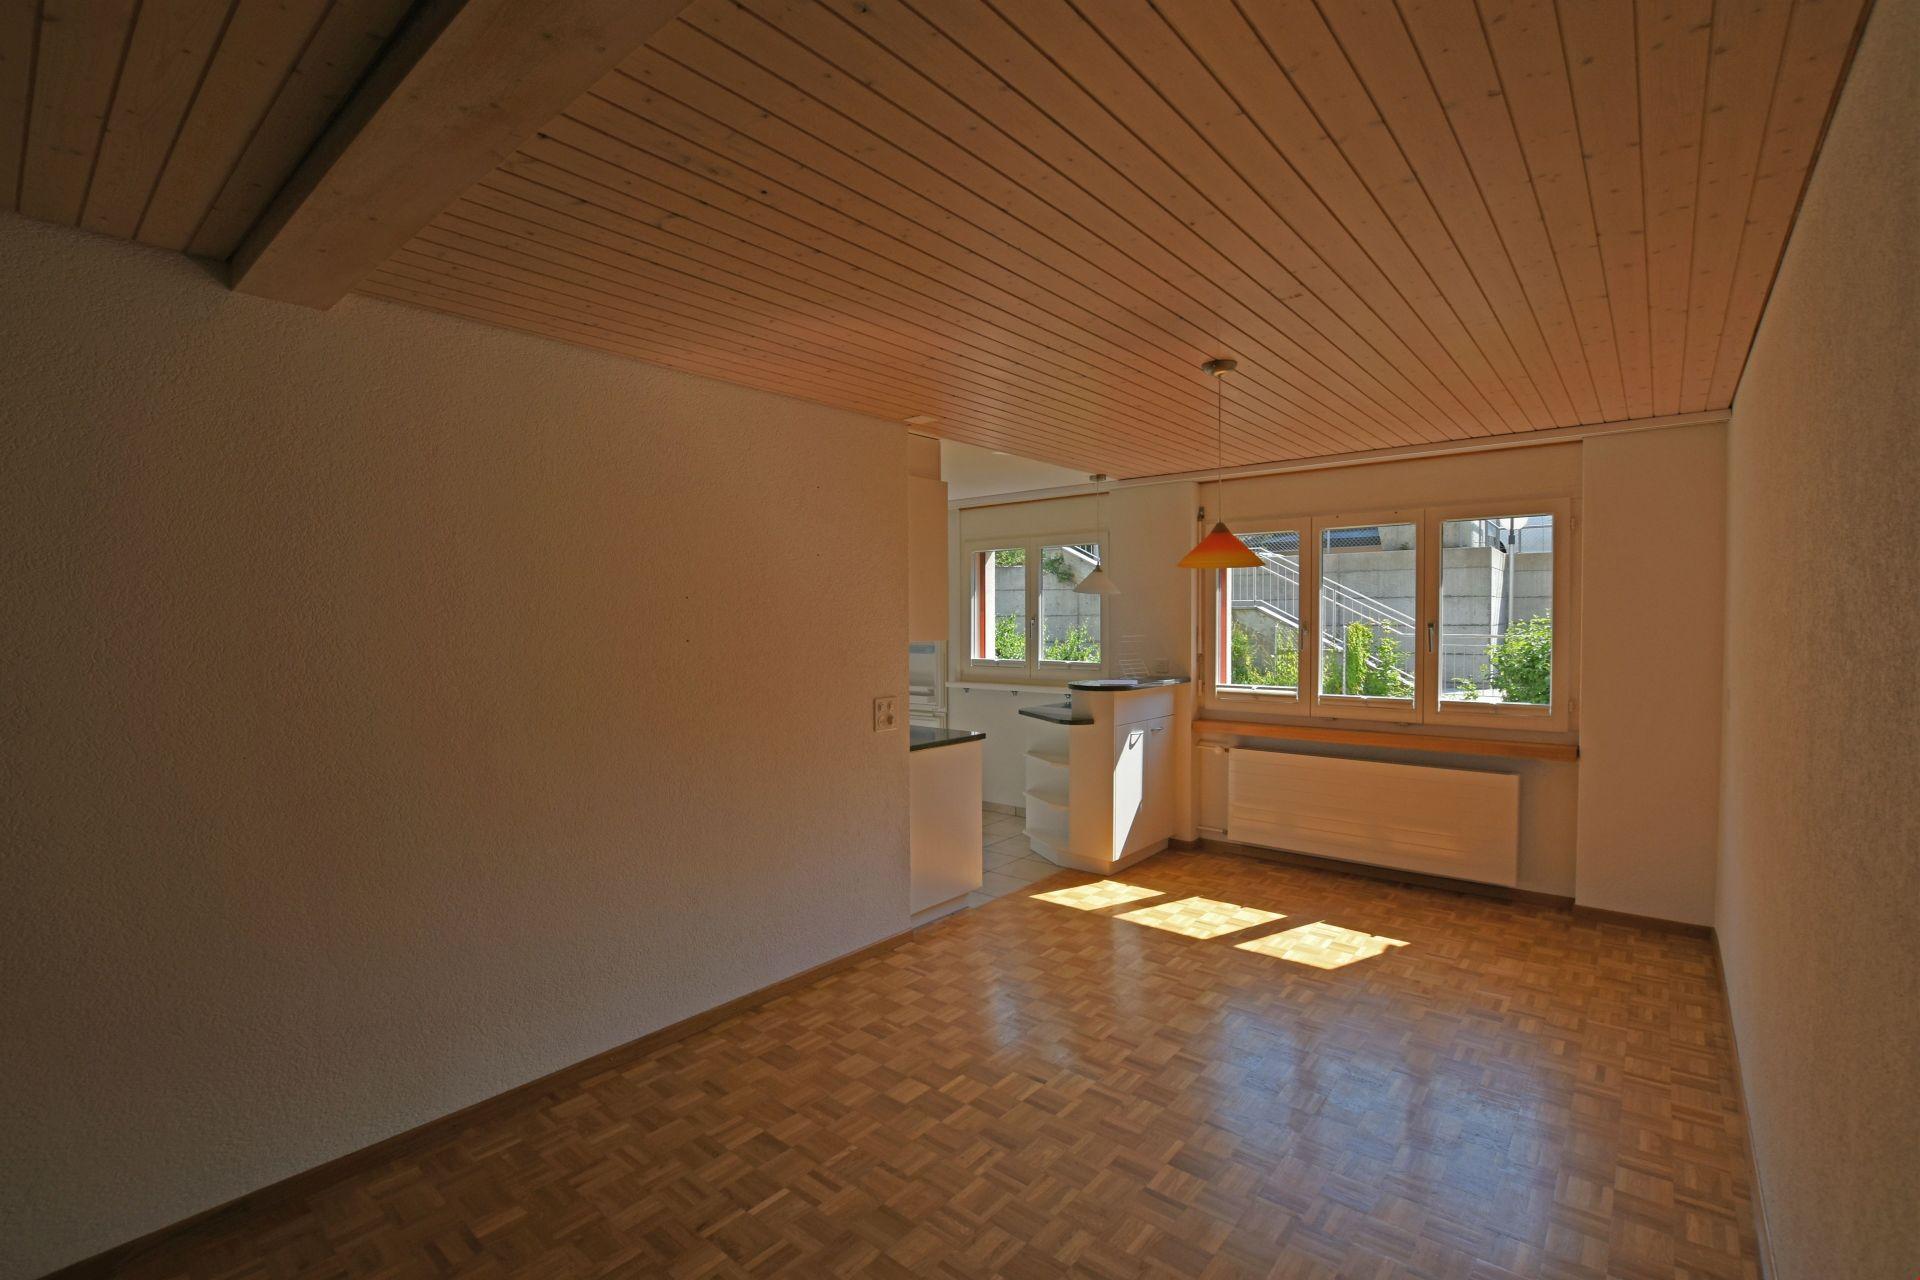 Miete: grosse Wohnung an guter Lage